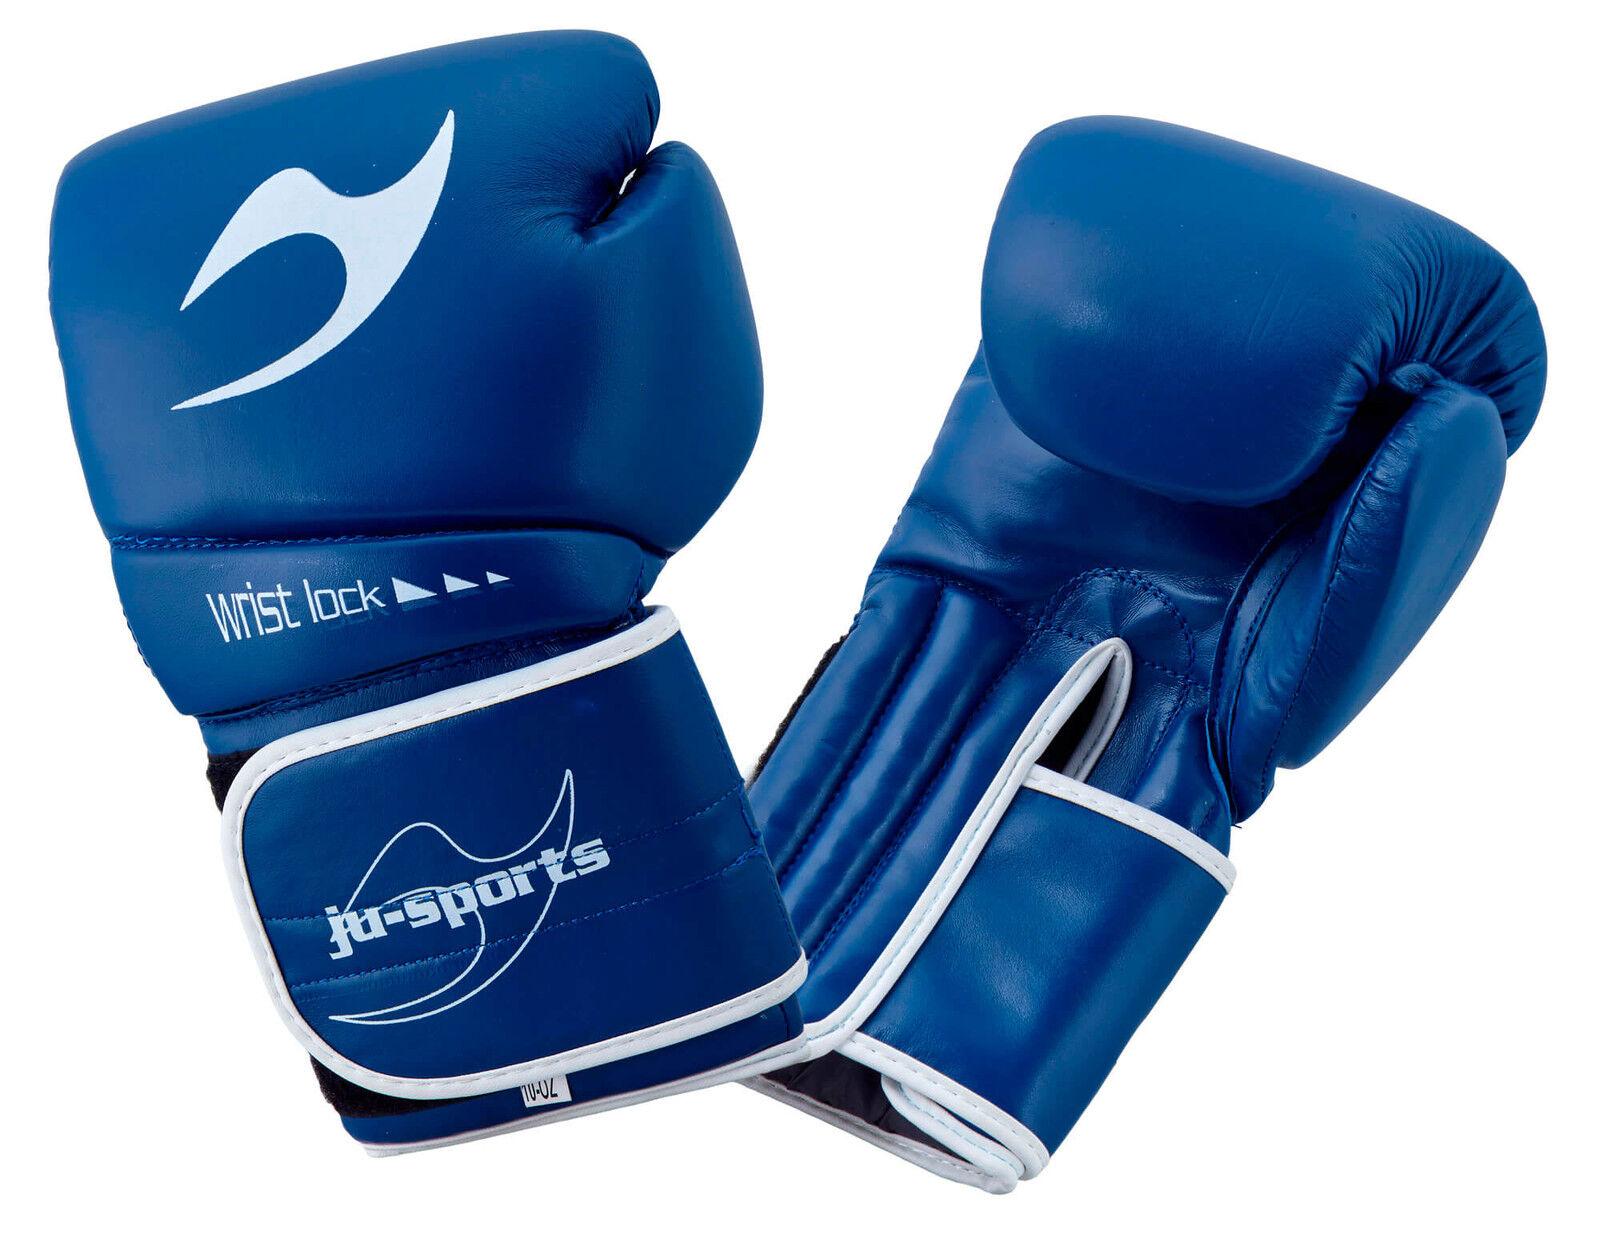 Ju-Sports Boxhandschuh C16 Competitor PU blau 10 oz